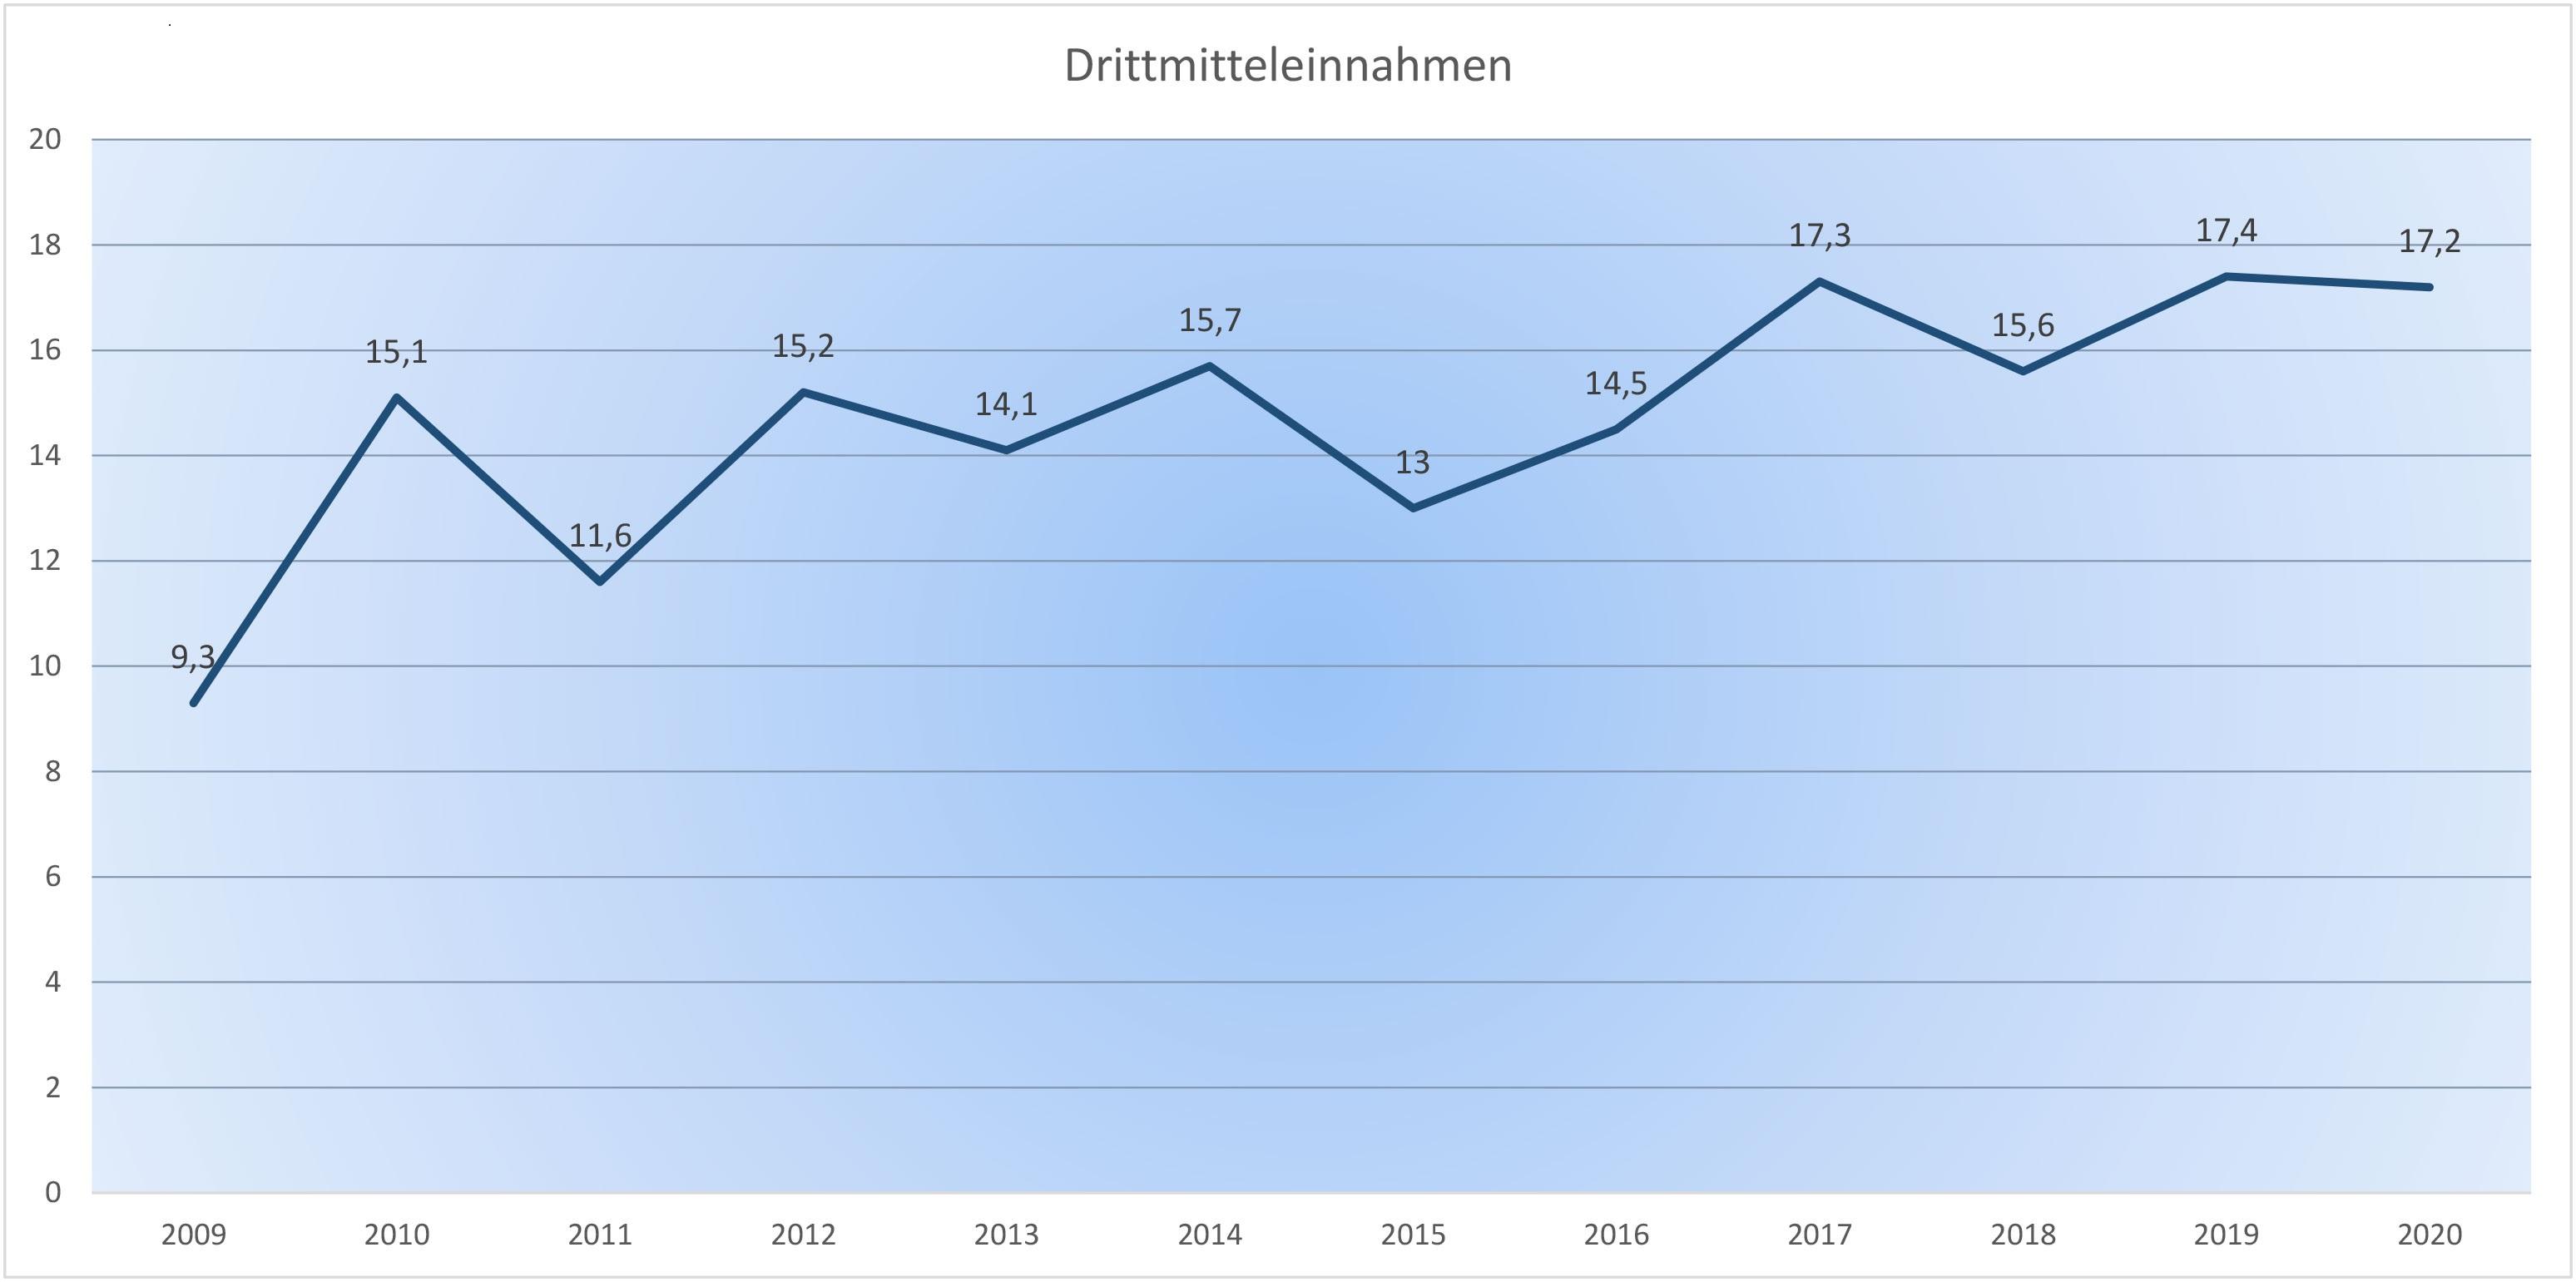 Grafik Drittmitteleinnahmen 2009 bis 2020